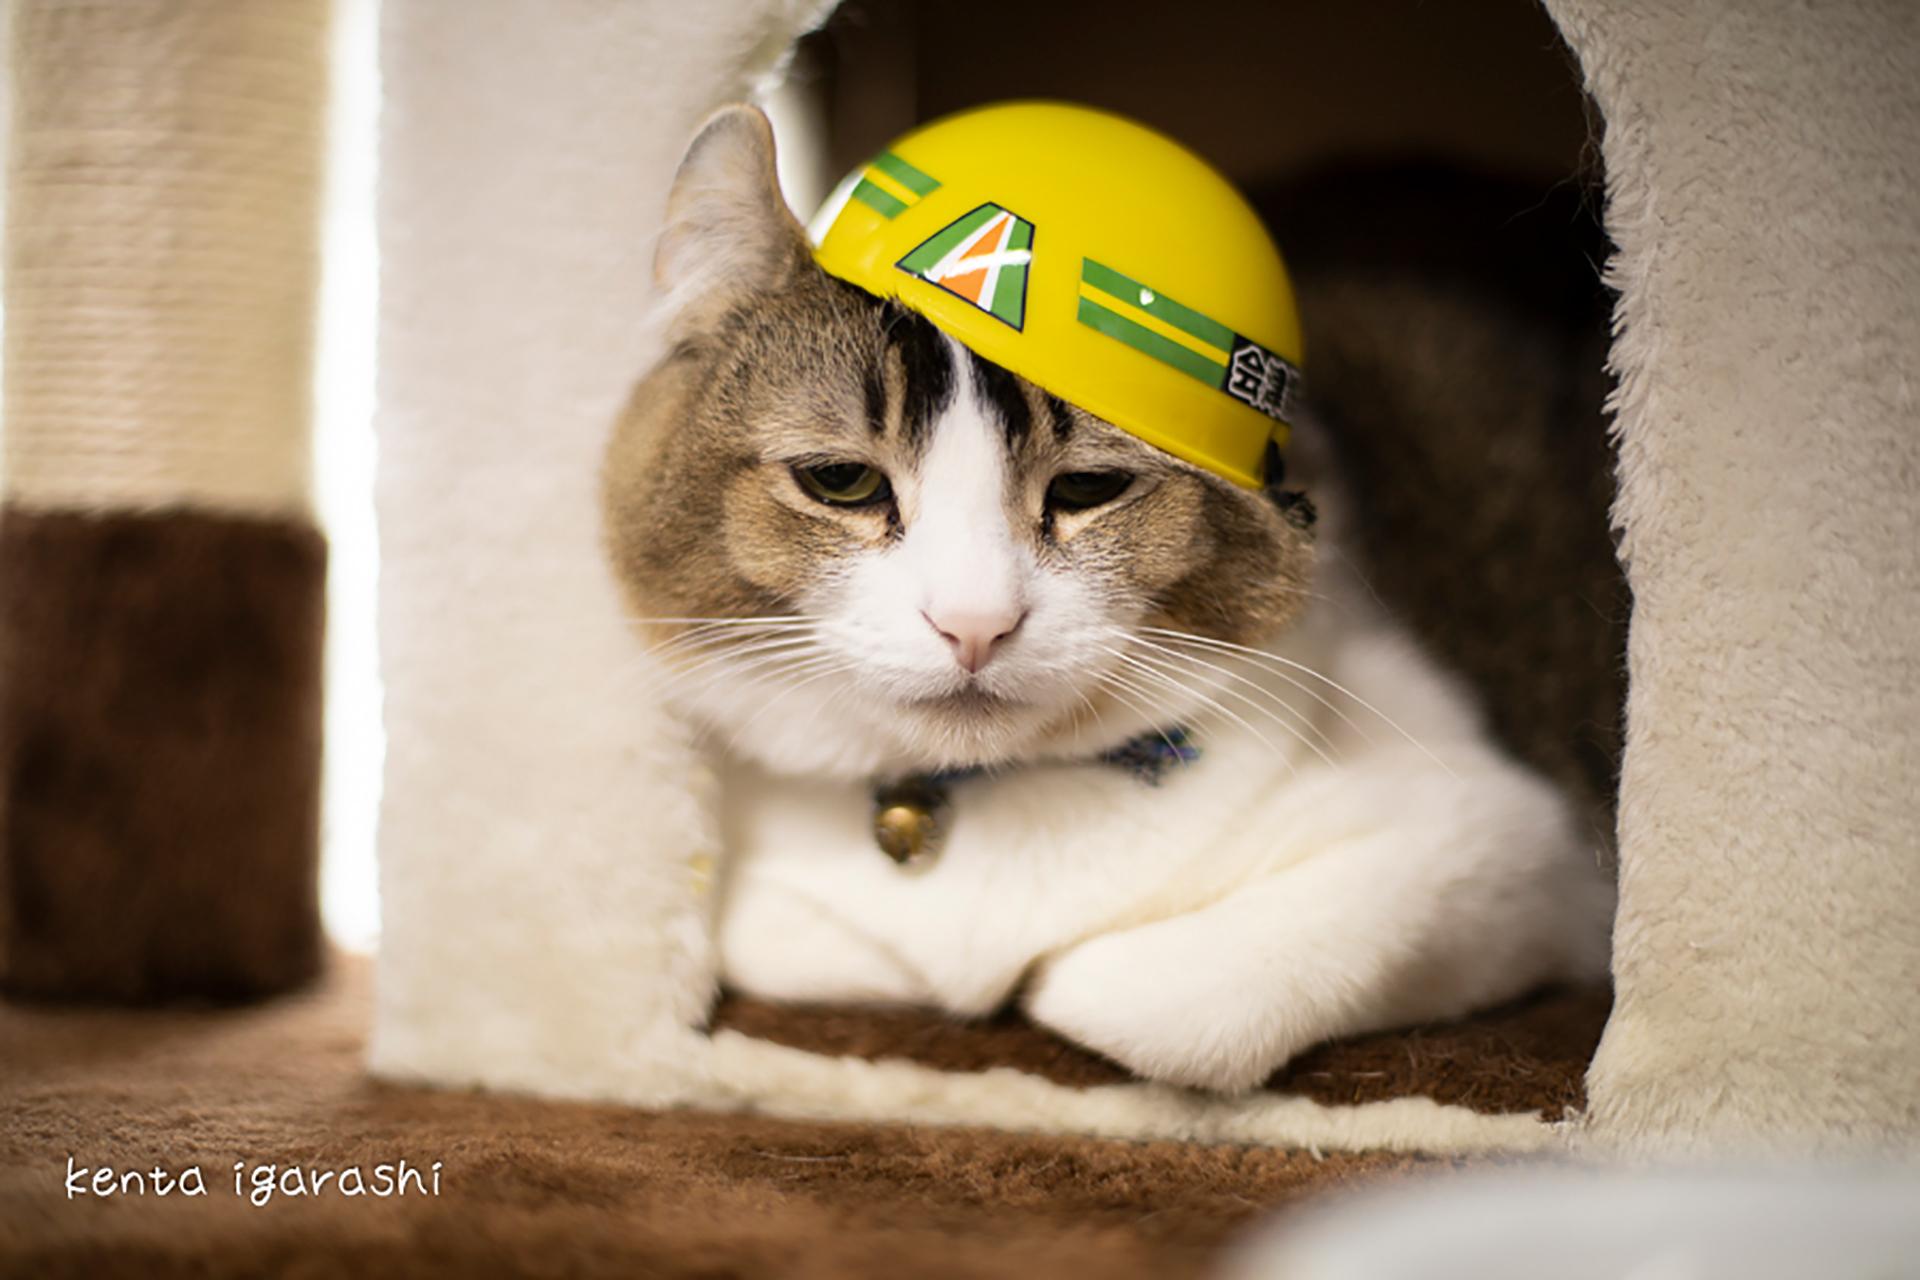 この写真は猫がヘルメットを被っているところ